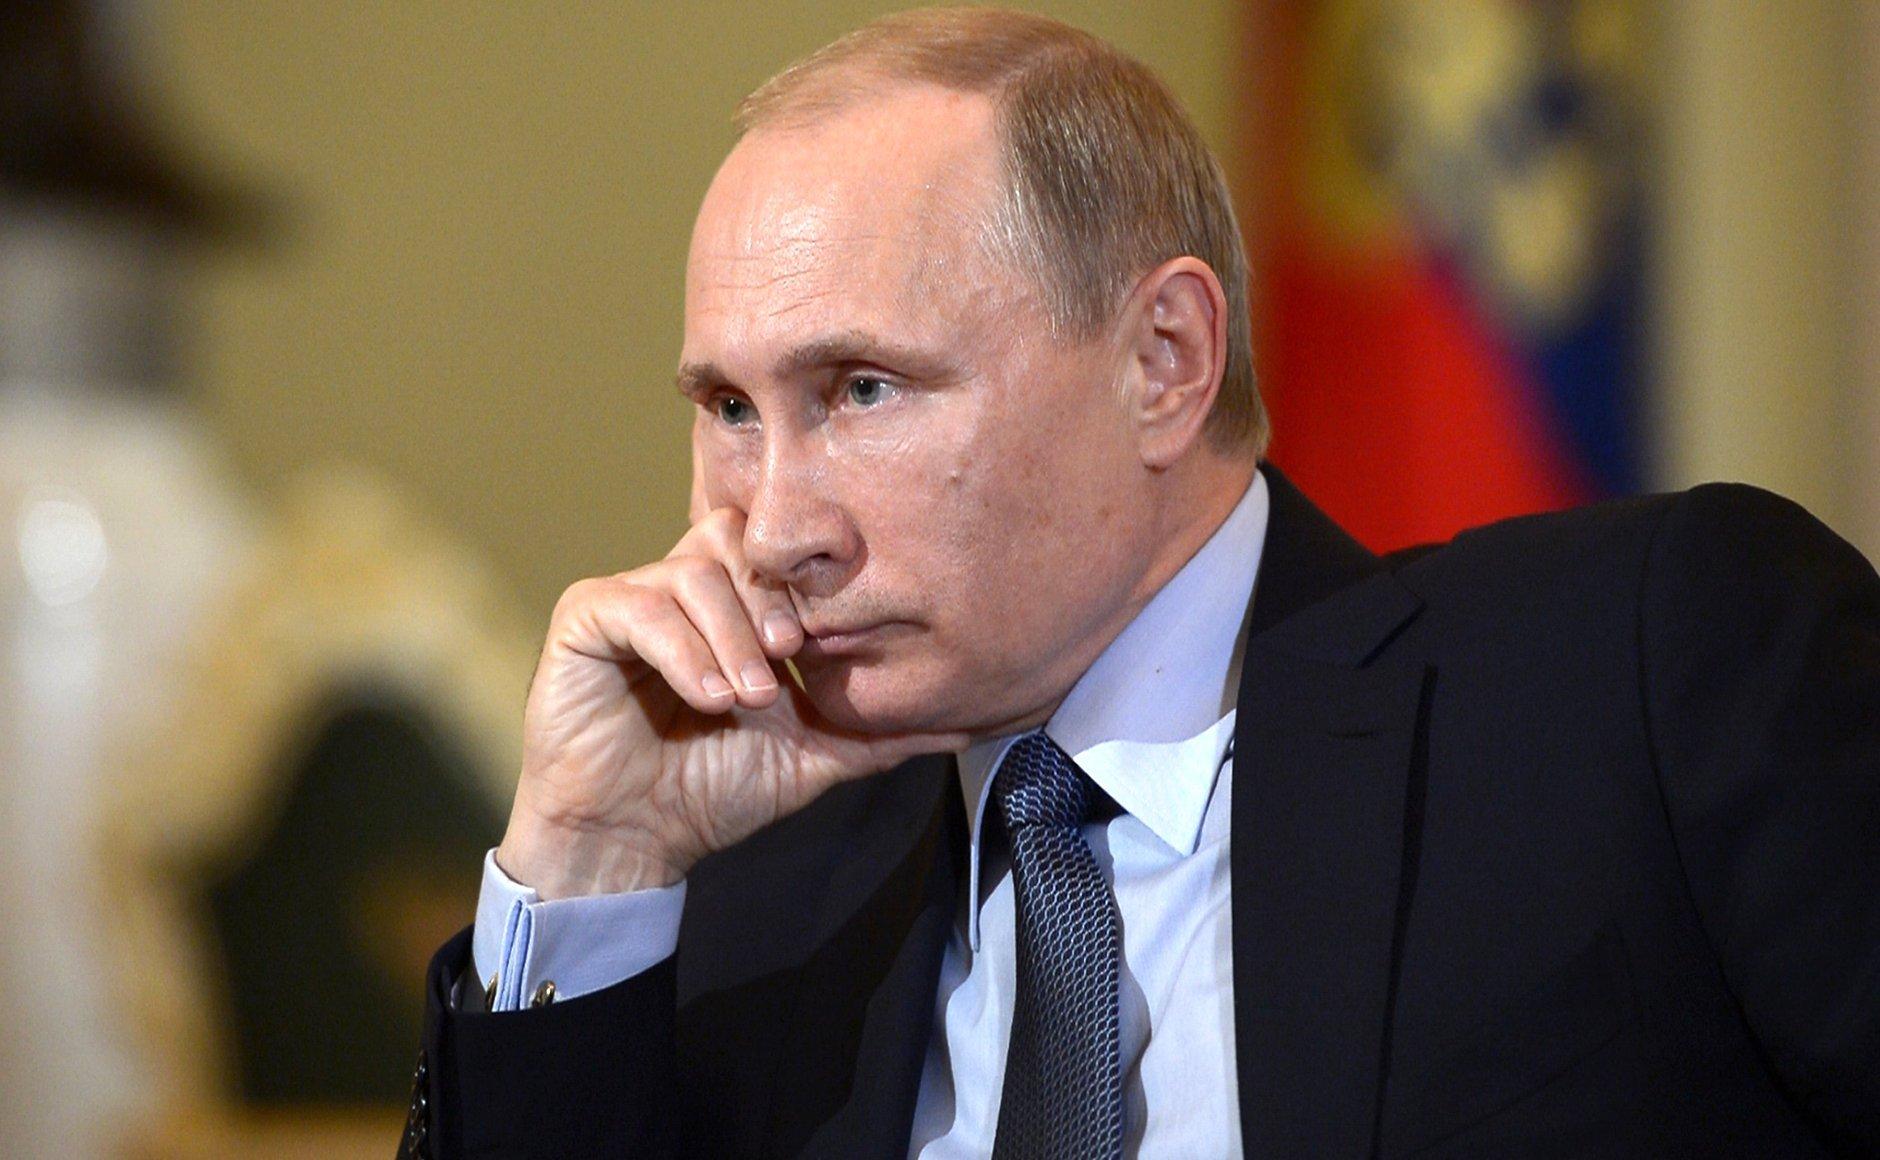 Путин выразил соболезнования в связи со смертью оперного певца Дмитрия Хворостовского